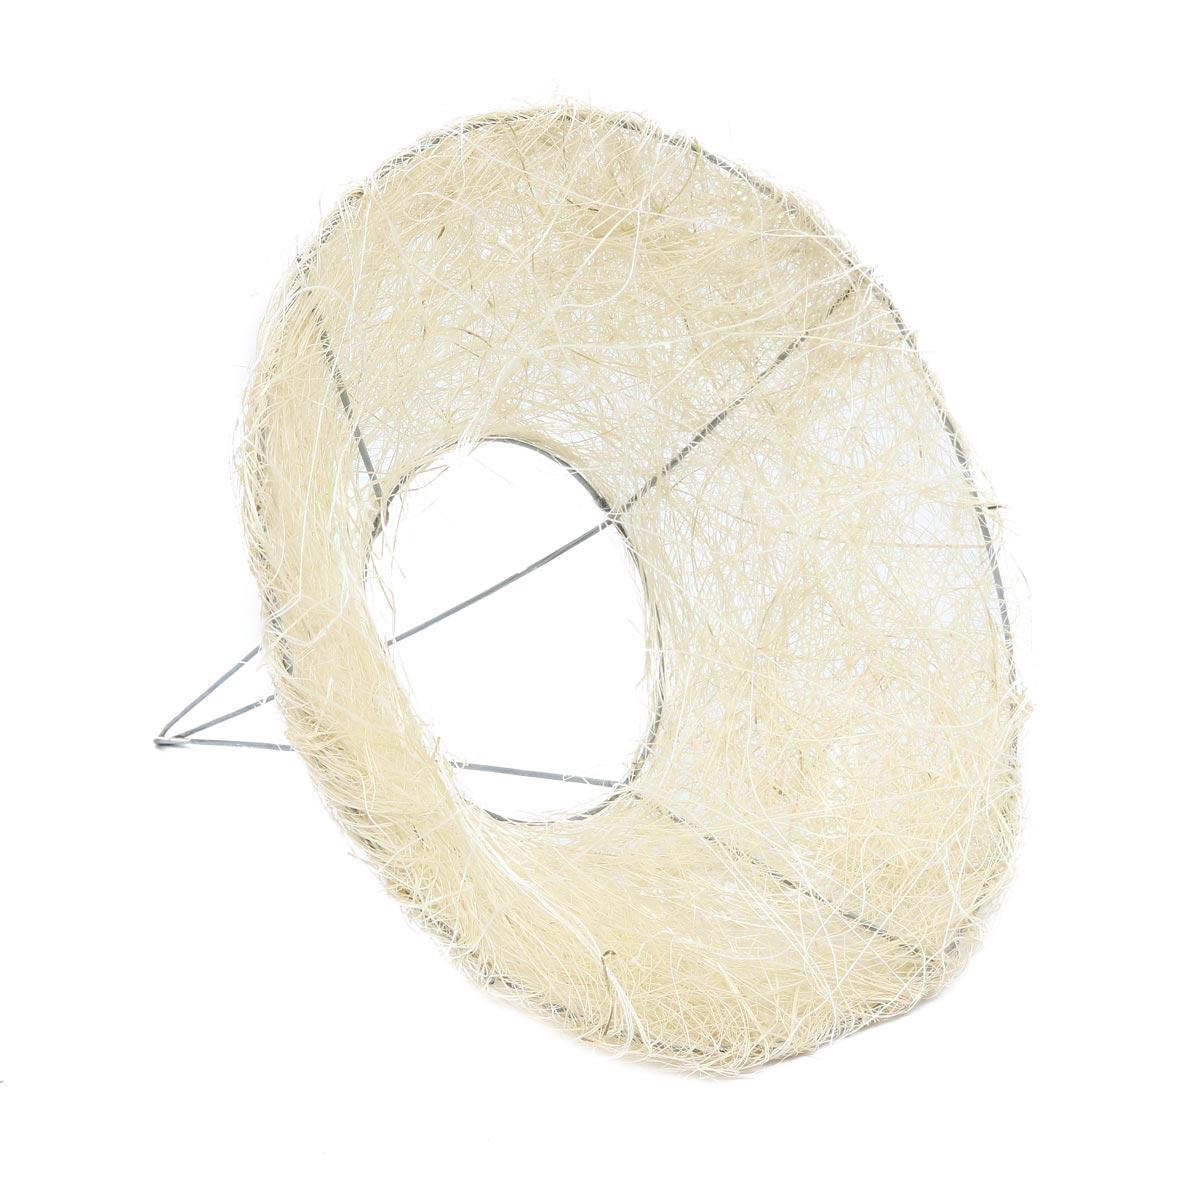 129847632 Каркас для букета сизаль гладкий 15см белый